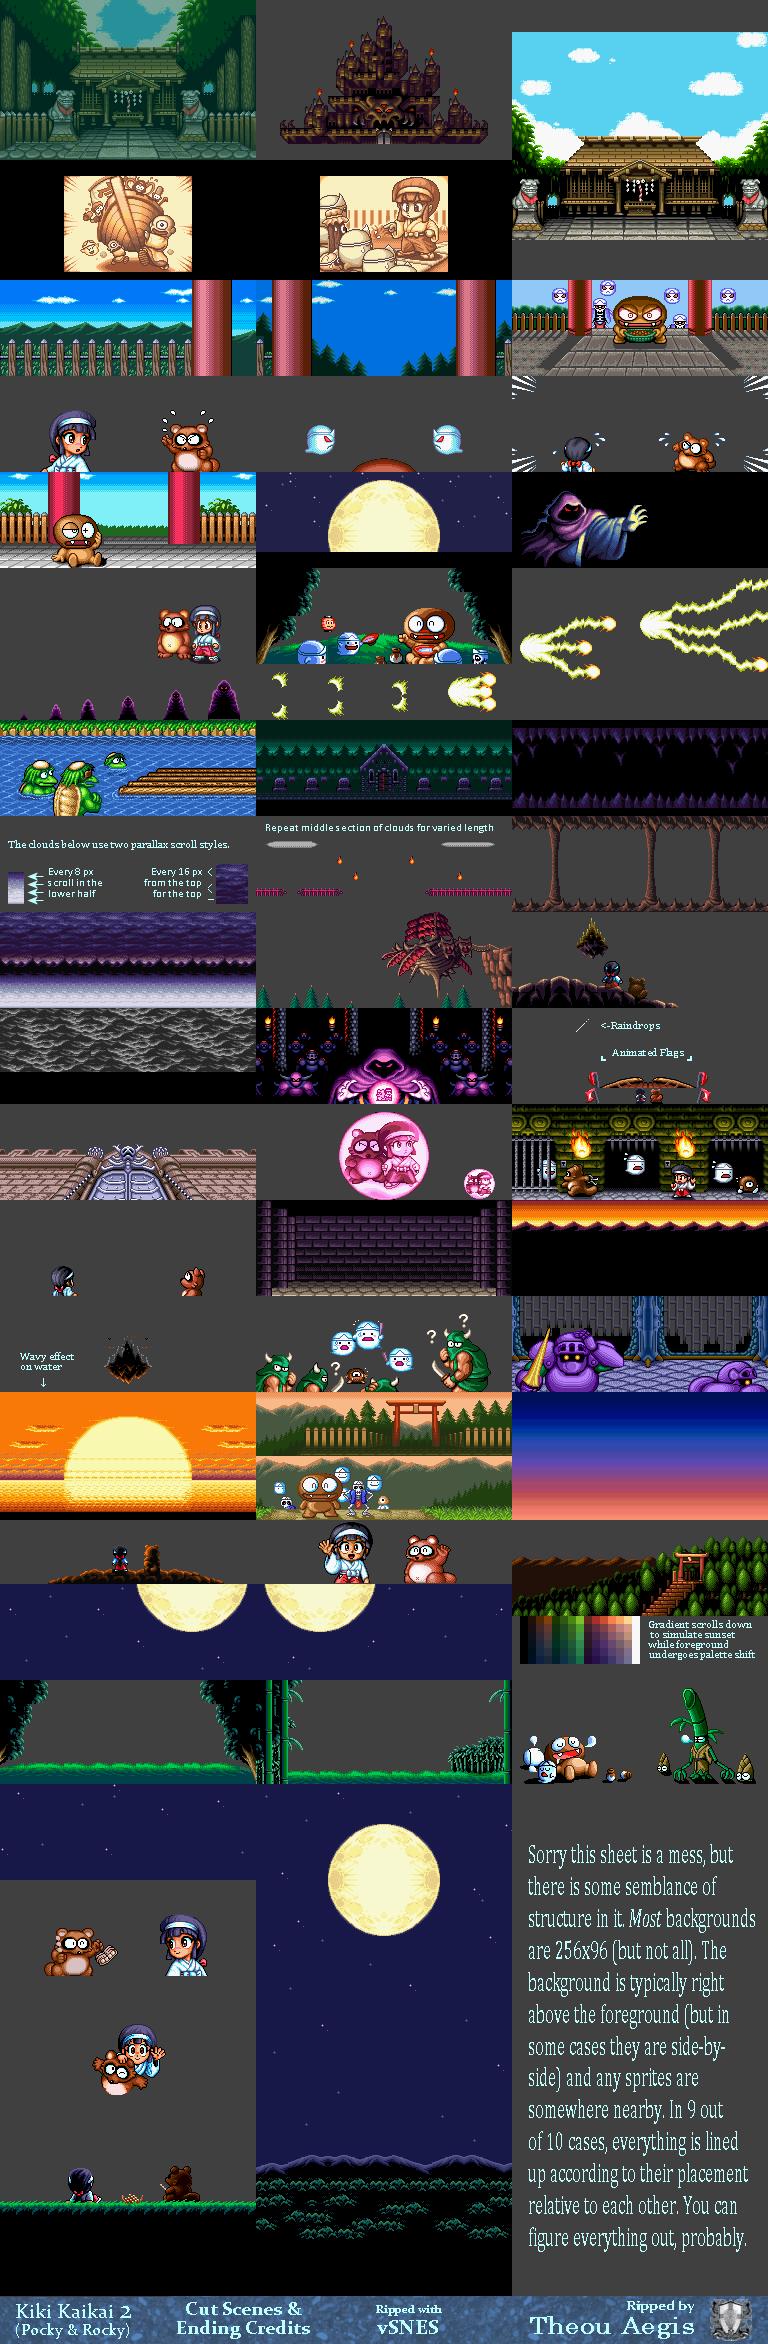 Информация об: localized dialogs  cutscenes версия 34